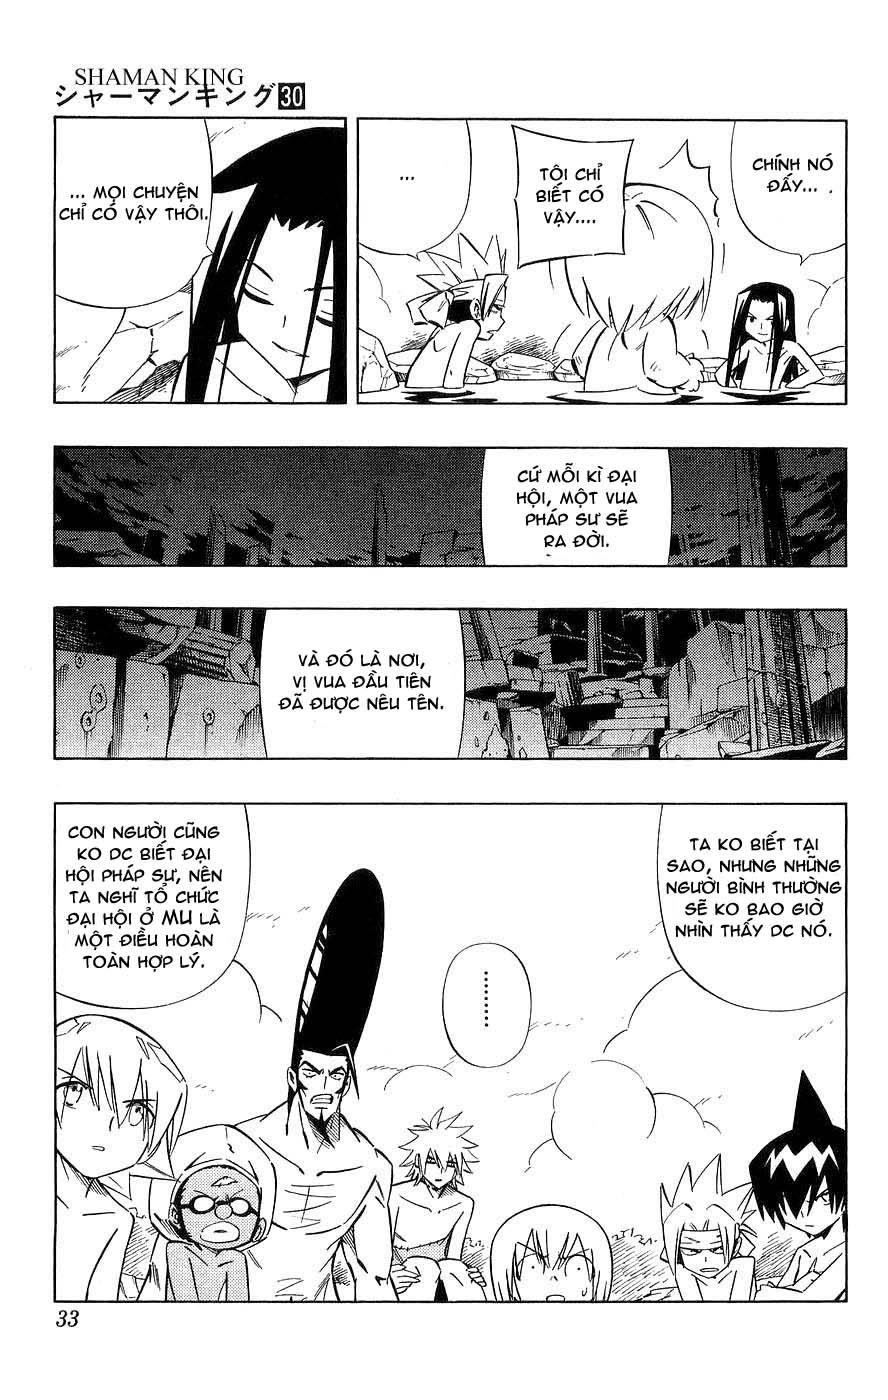 Shaman King [Vua pháp thuật] chap 259 trang 5